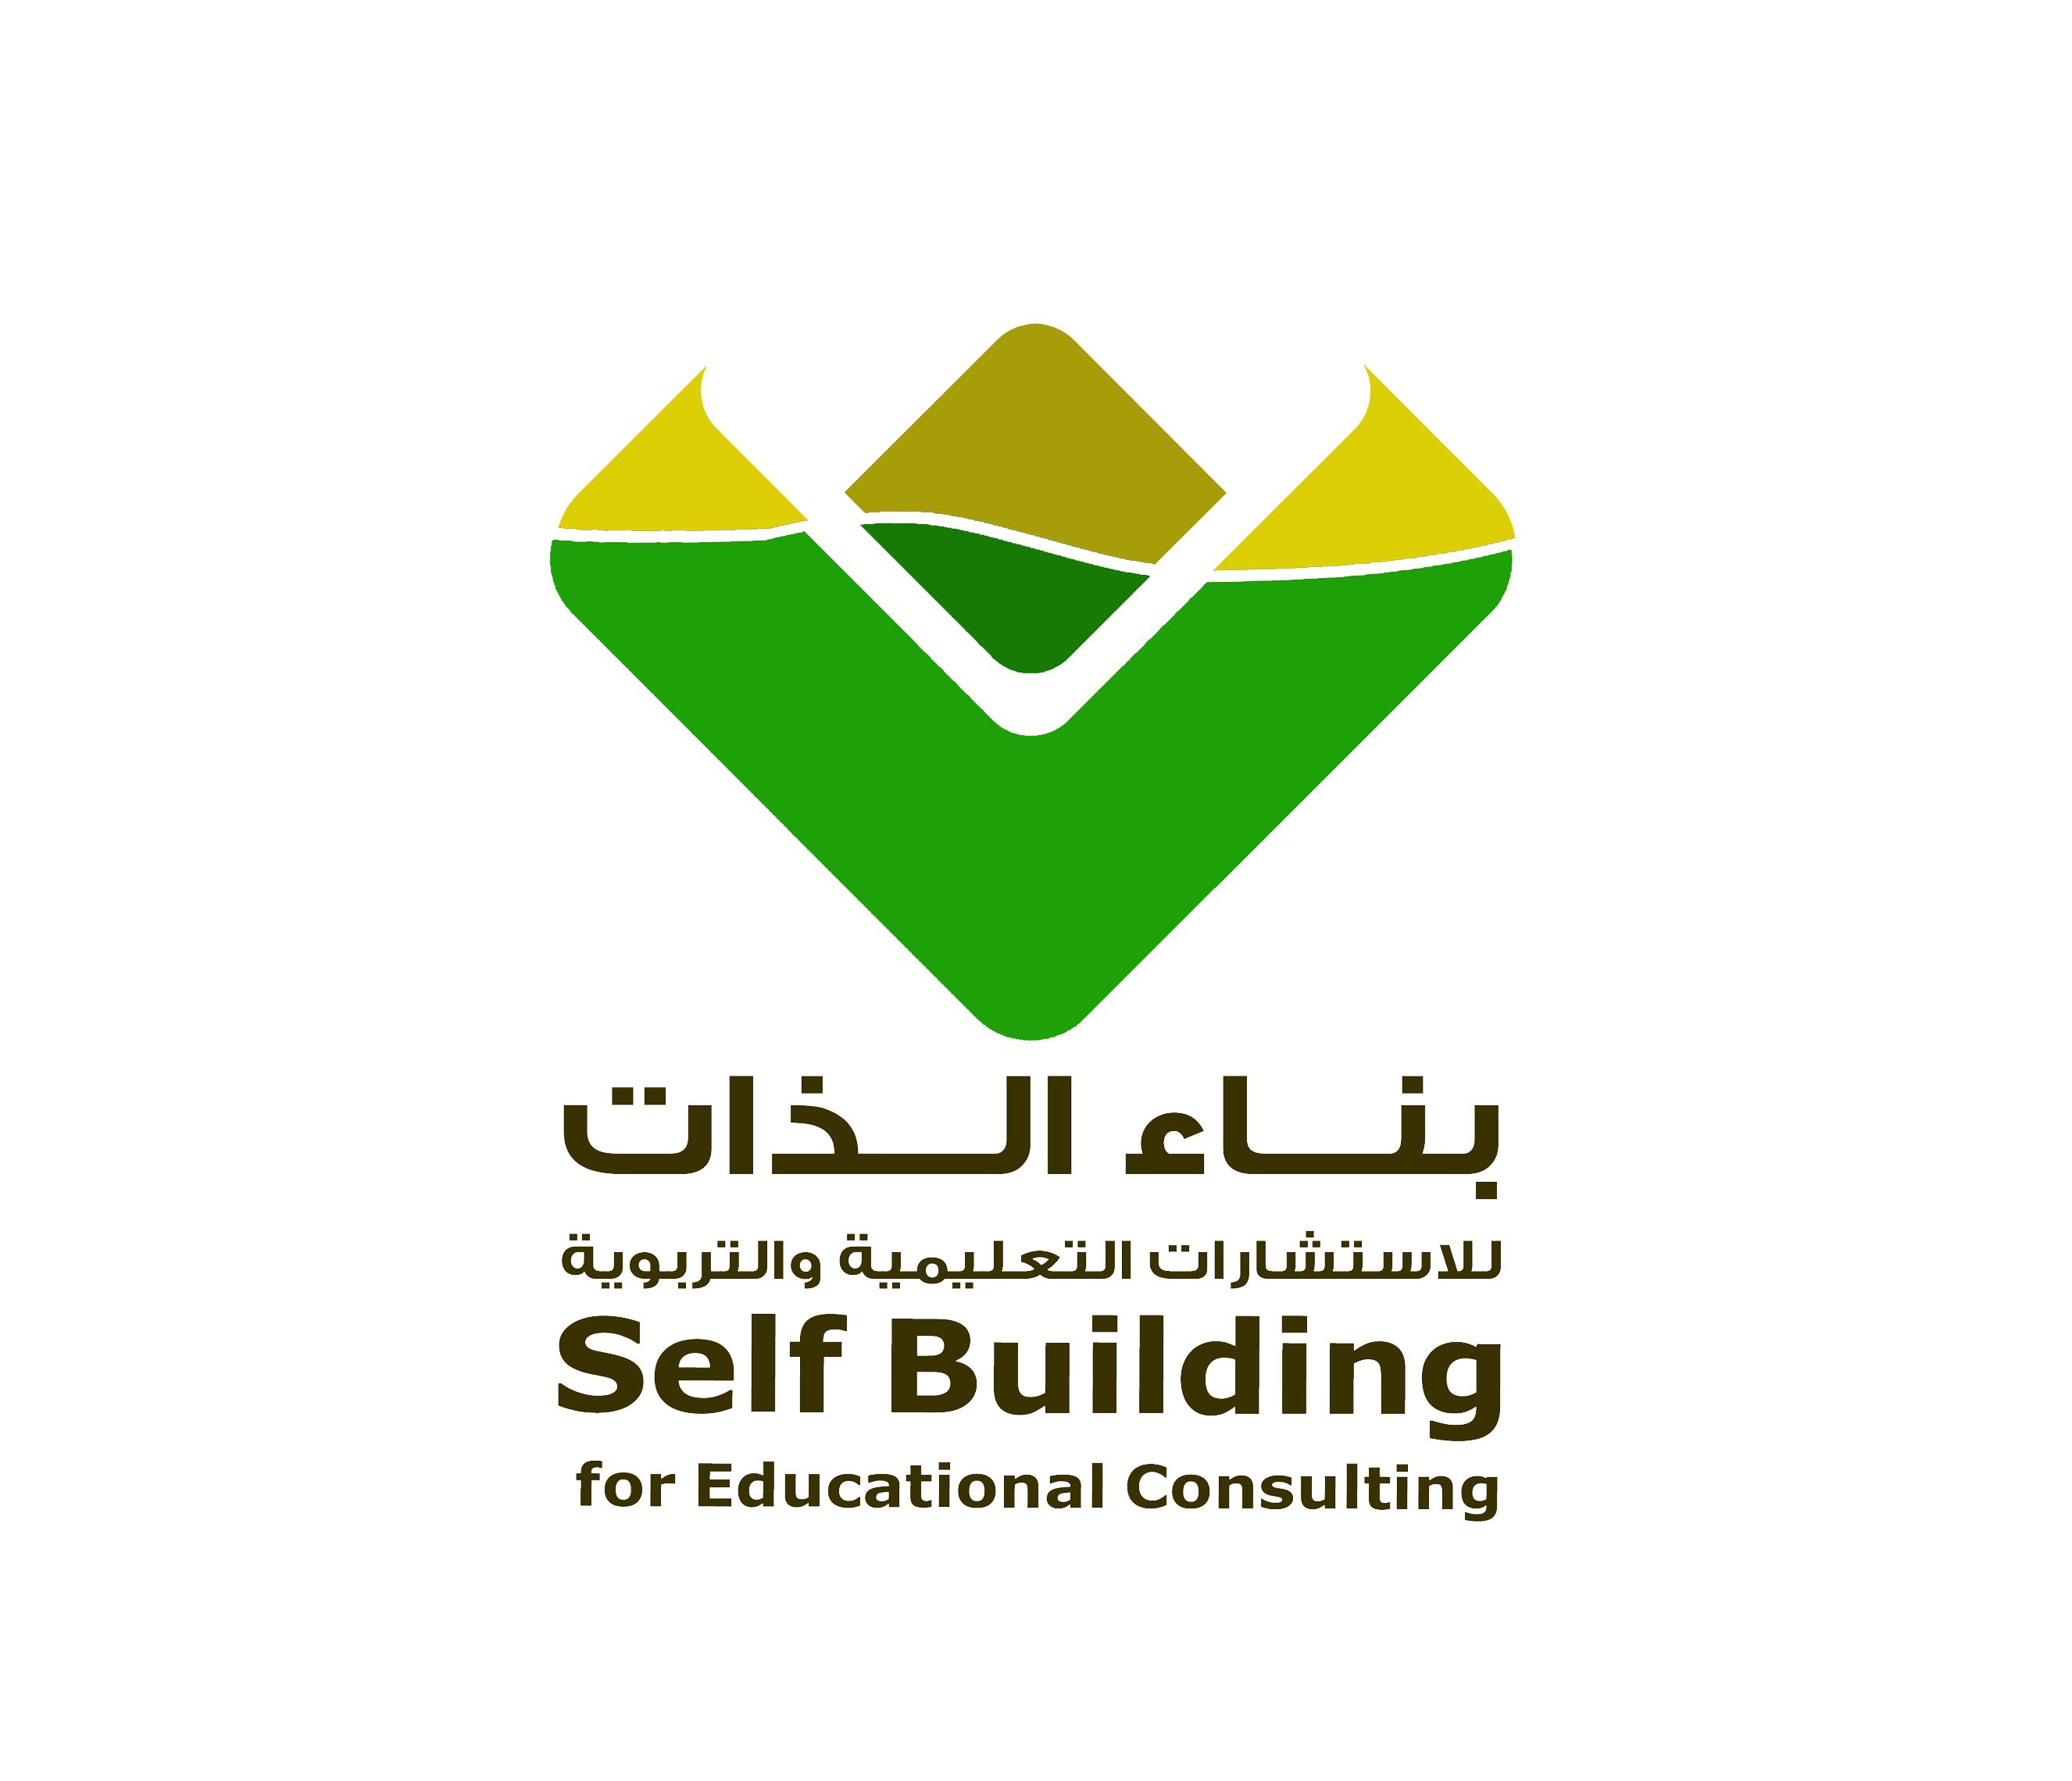 متجر بناء الذات